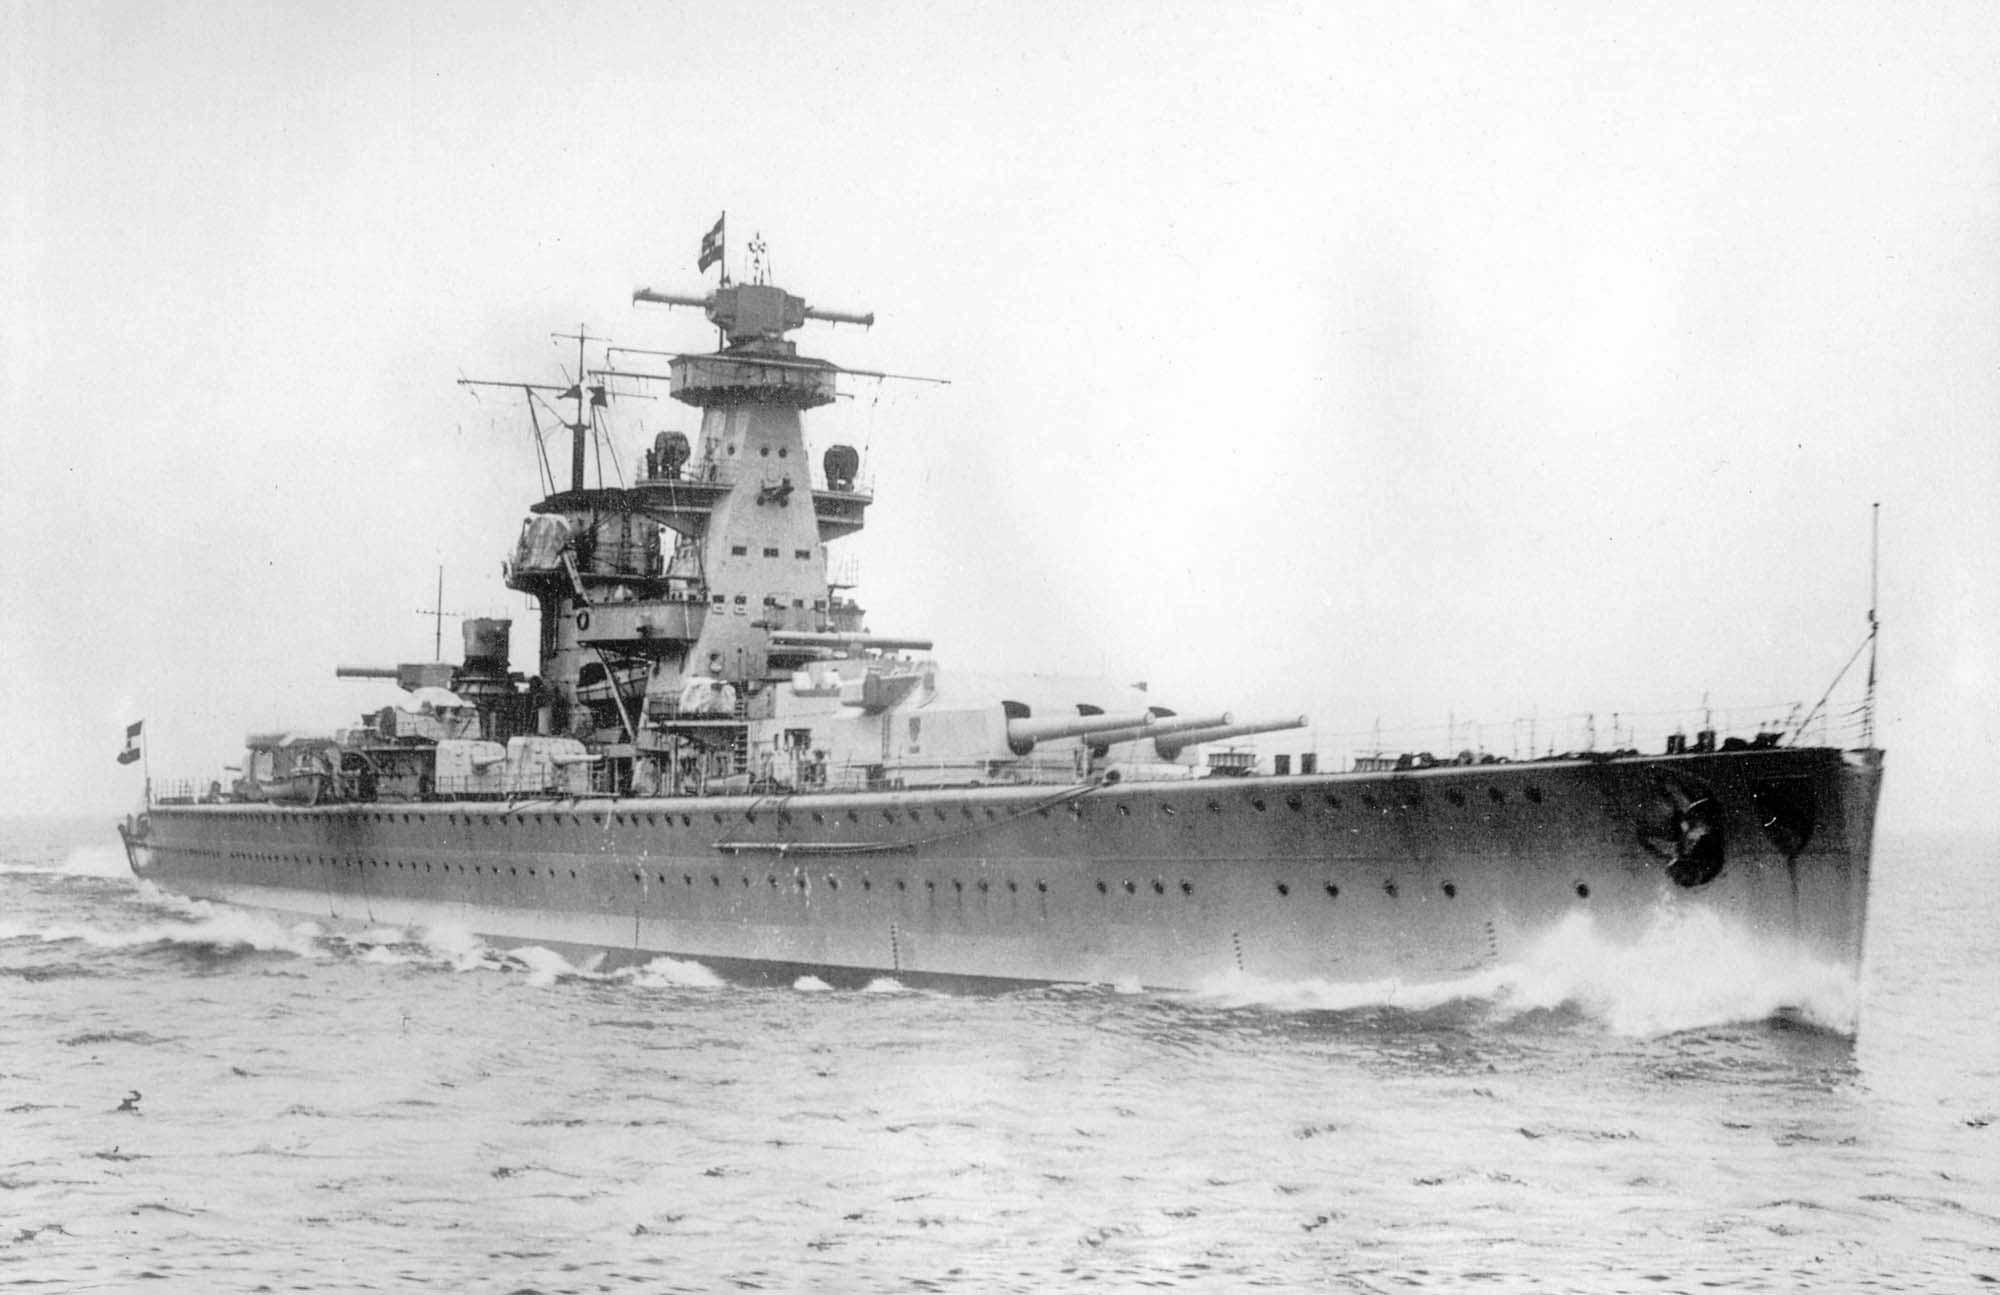 Az Admiral Scheer, még a háború előtt, az eredeti felépítménnyel.